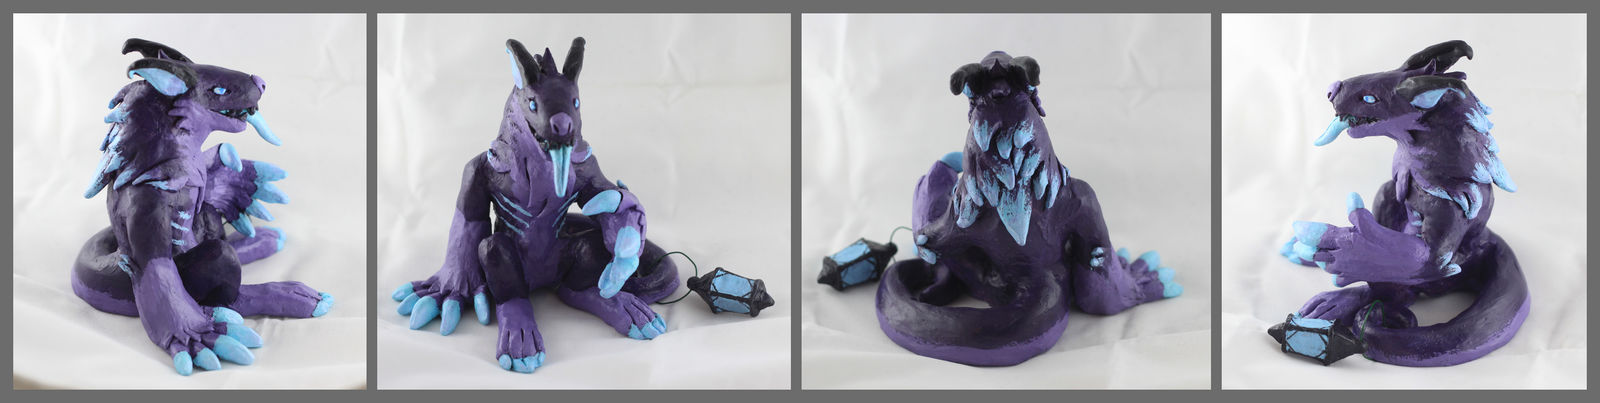 Brillurk Sculpt